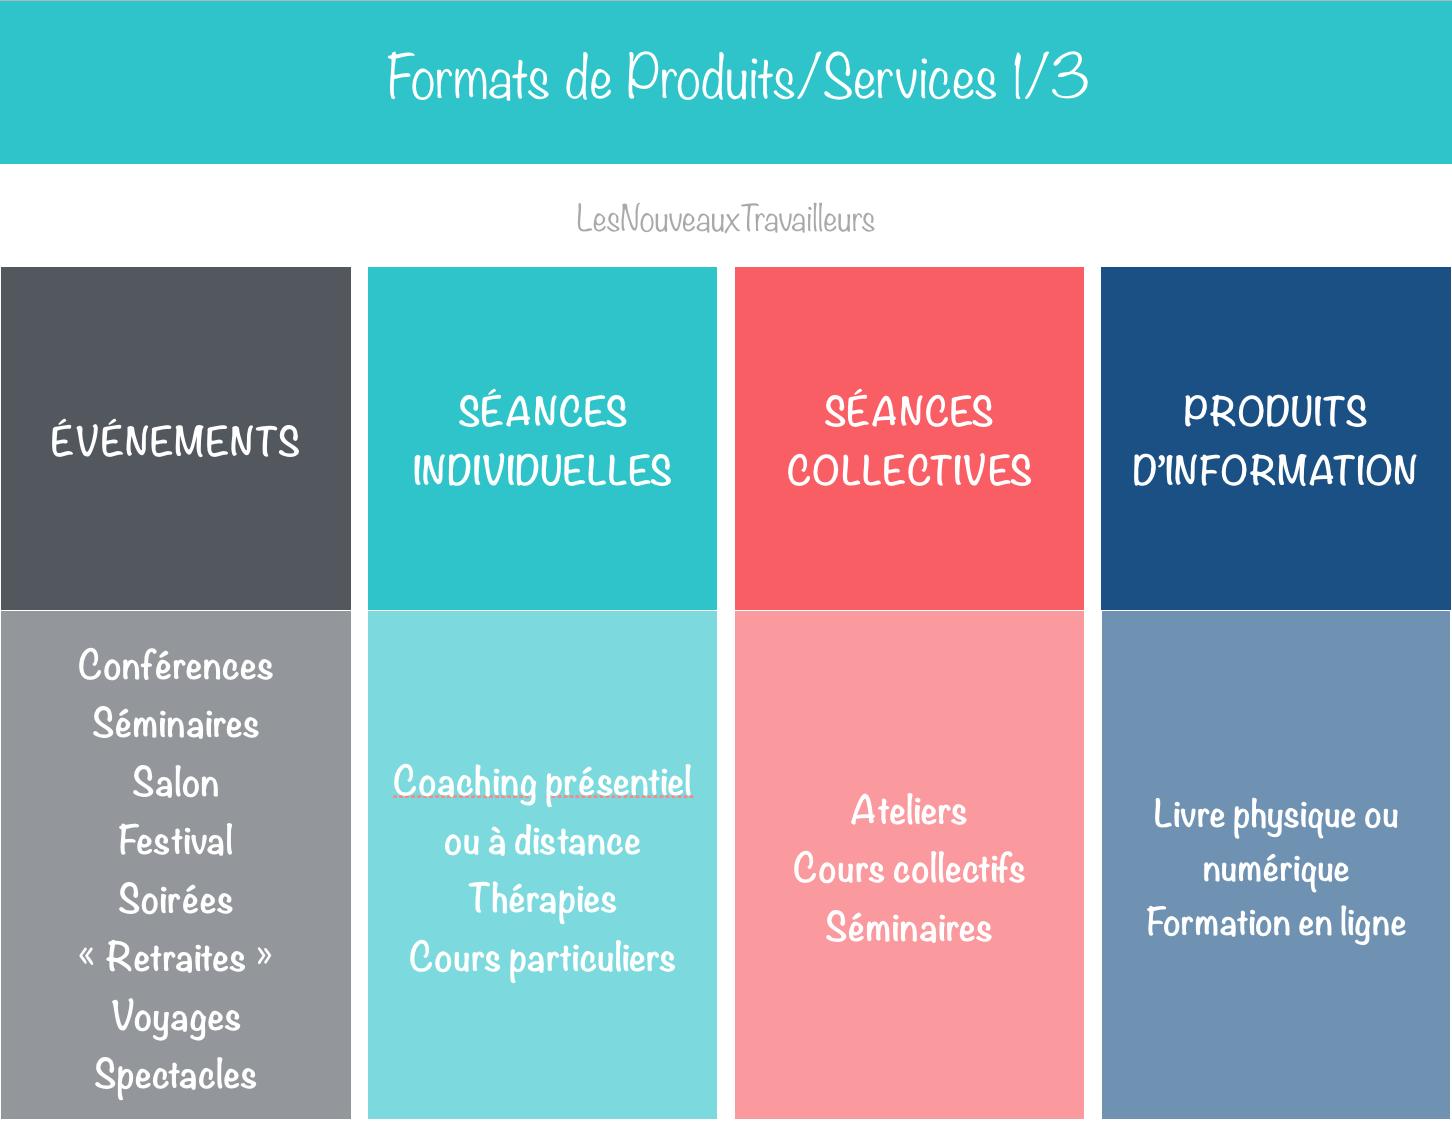 Liste Formats Produits Services 1/3